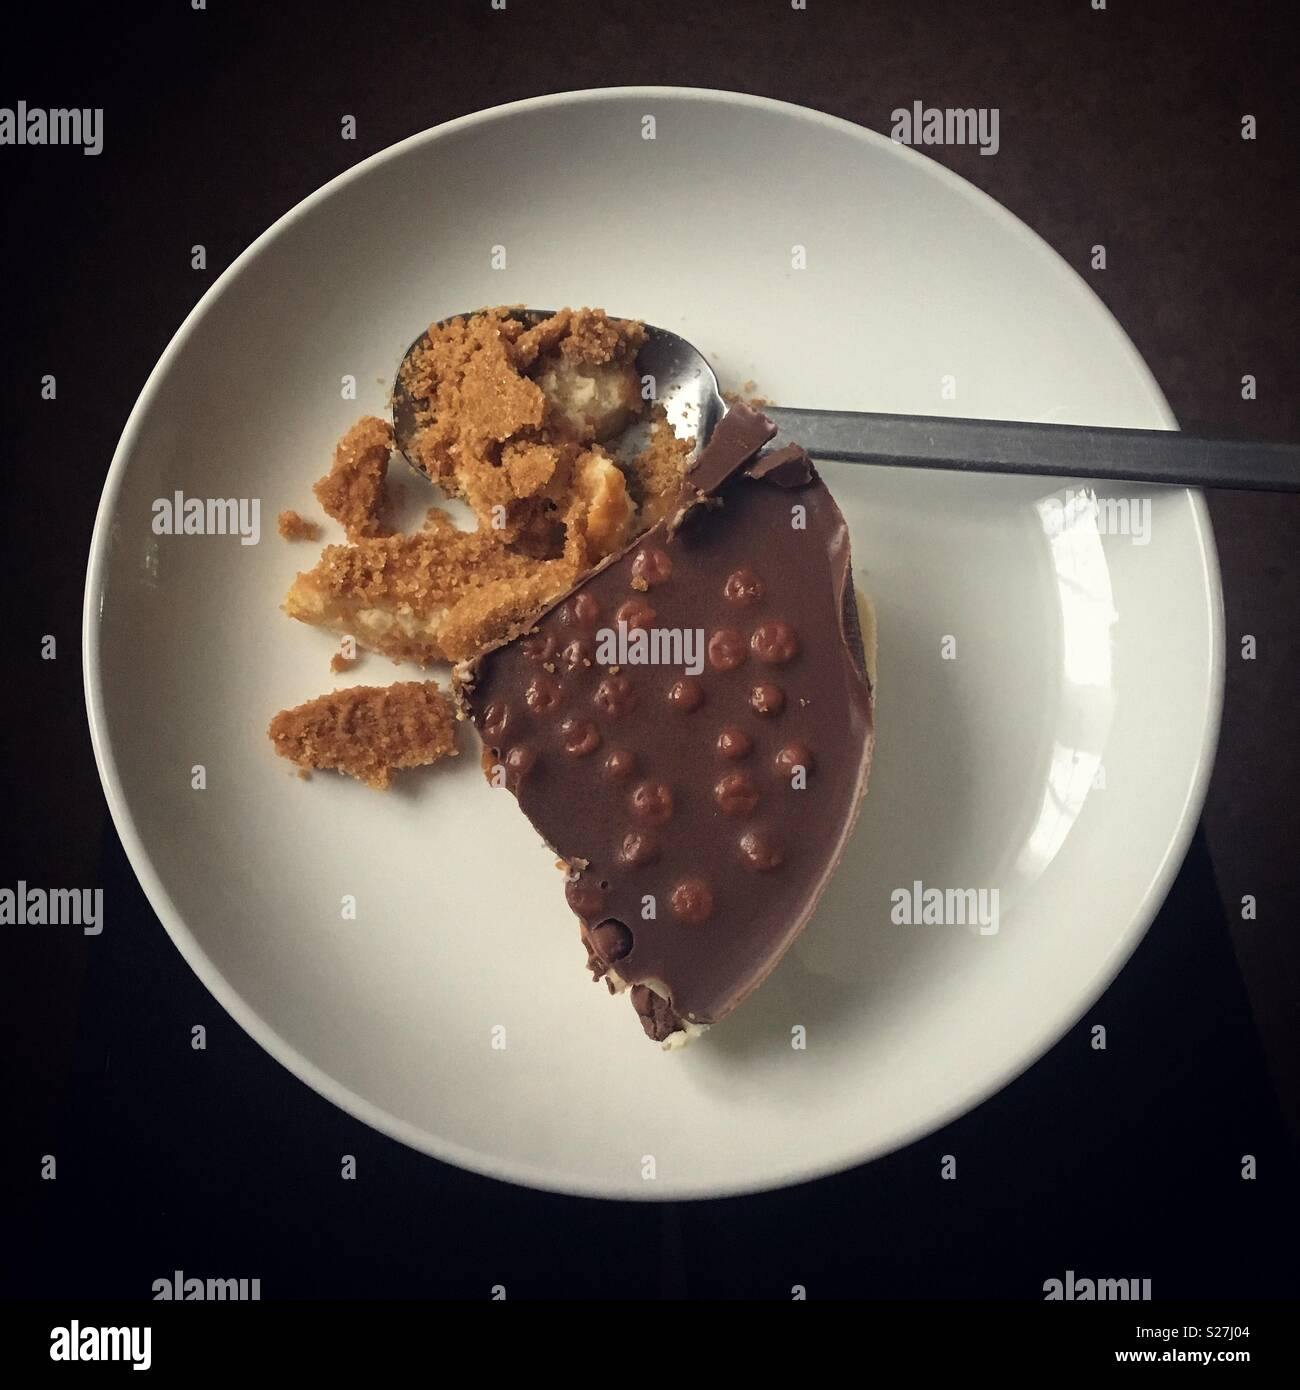 La mitad comido chocolate cheesecake Imagen De Stock